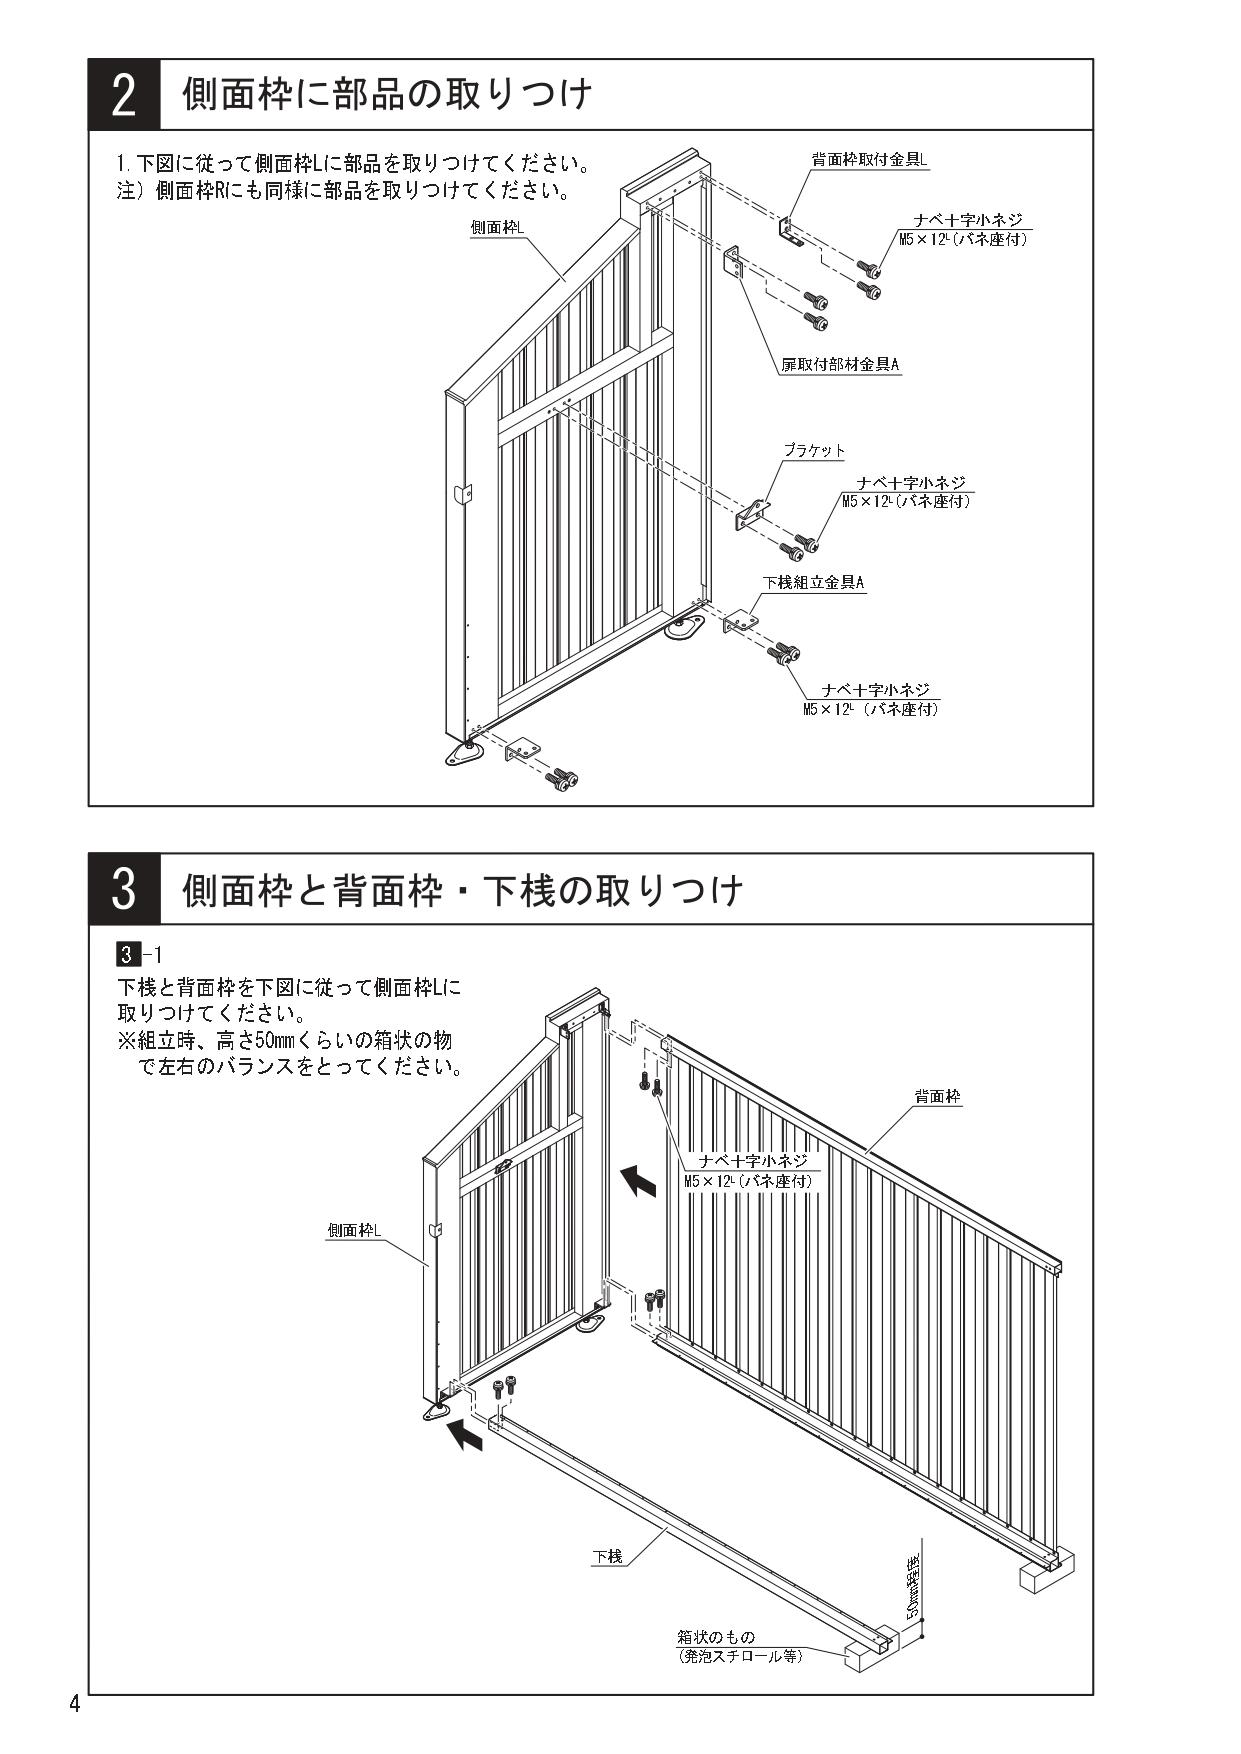 ゴミストッカーWP1型 施工説明書_page-0004